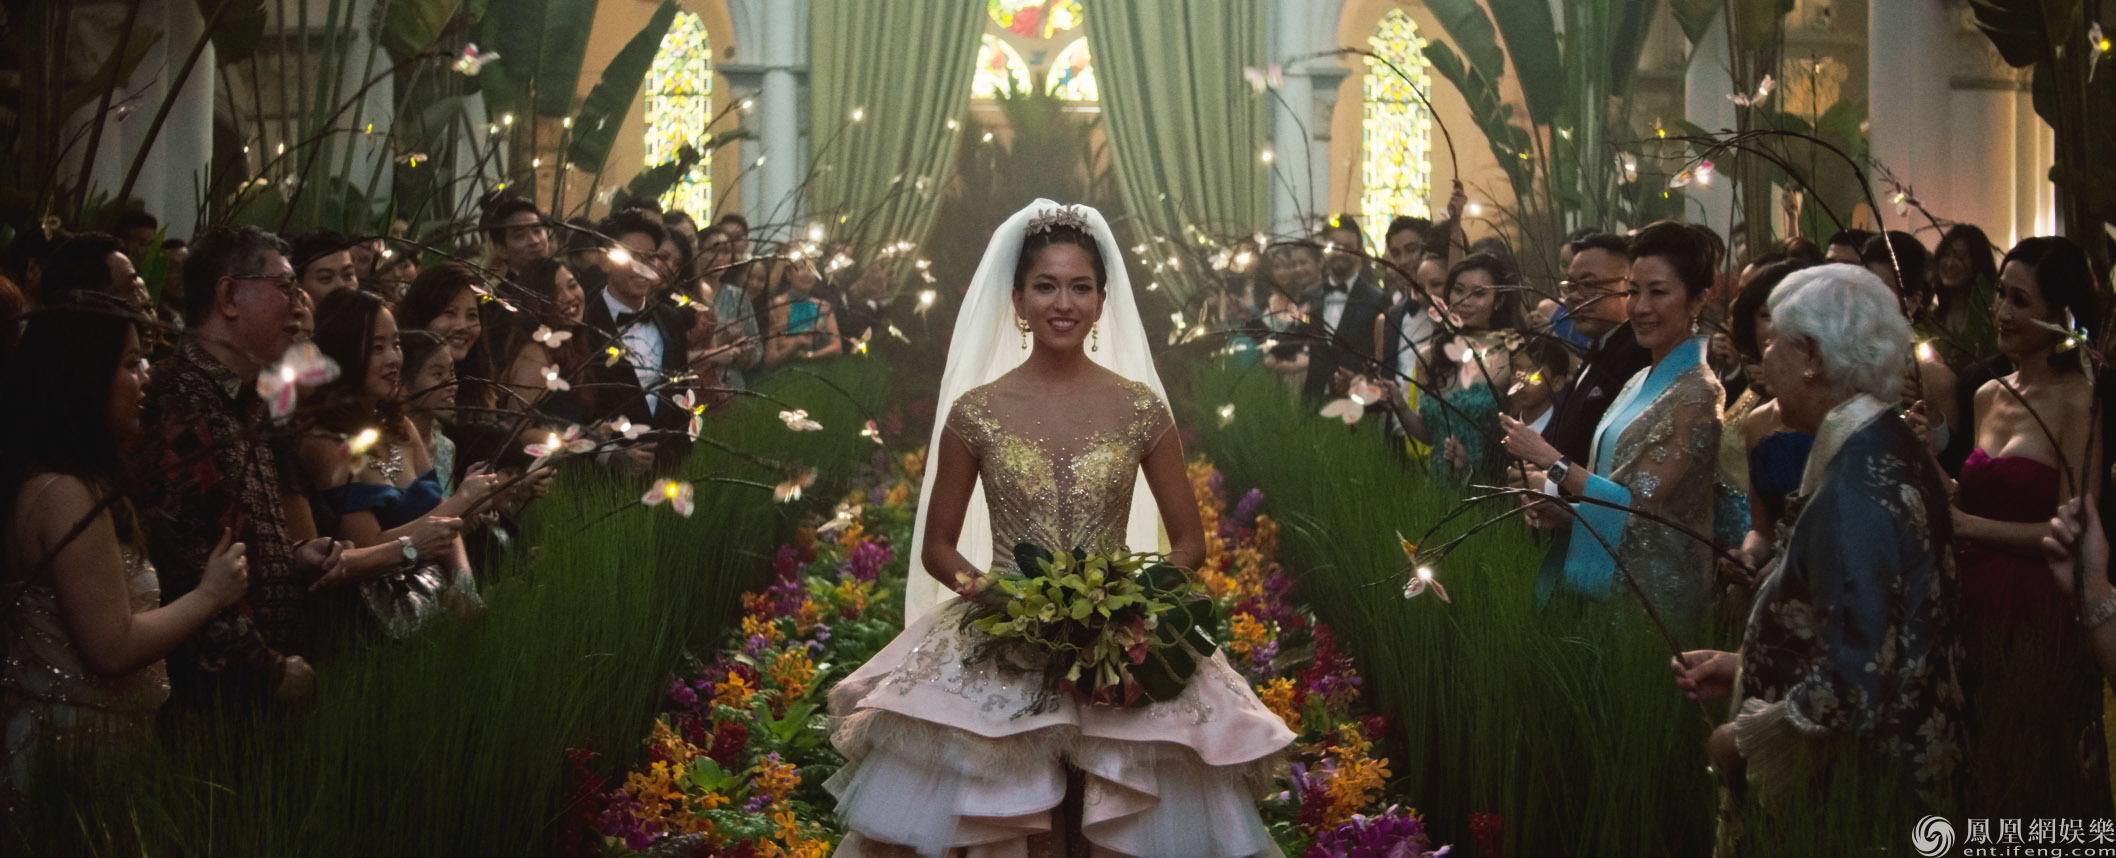 北美票房三連冠愛情喜劇《摘金奇緣》 獲全球媒體力薦